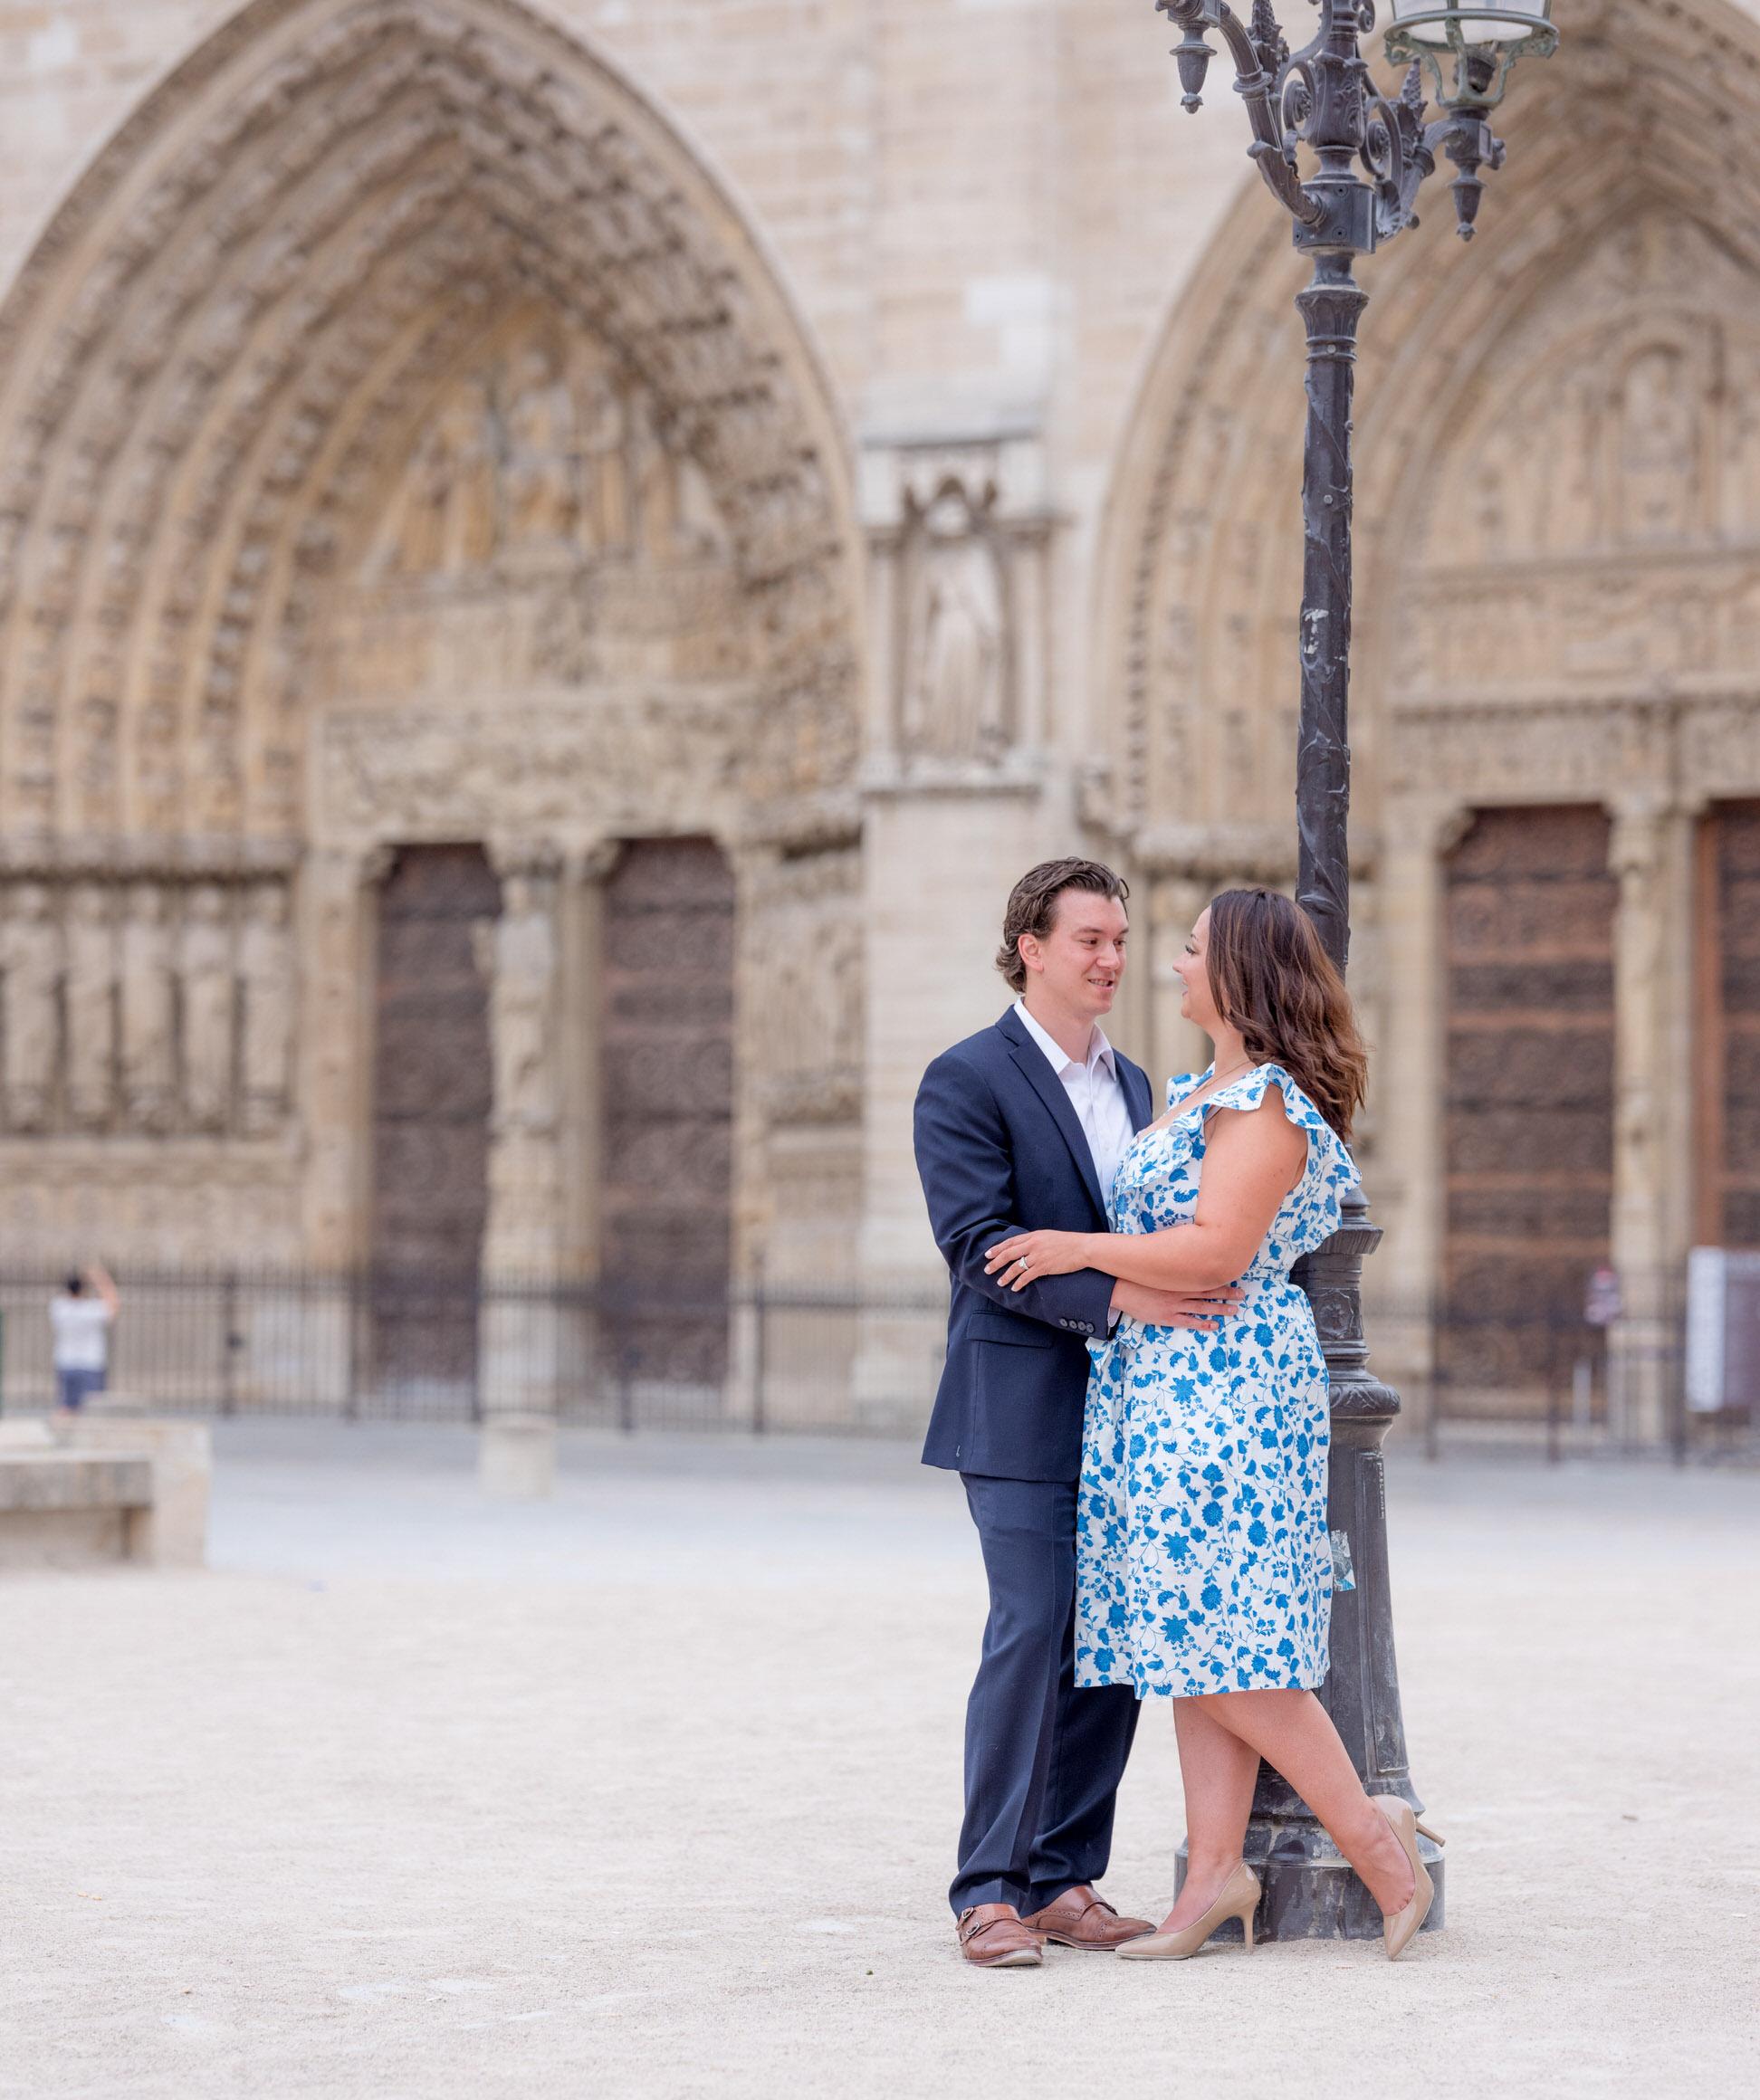 Romantic Latin Quarter couples photo session in Paris